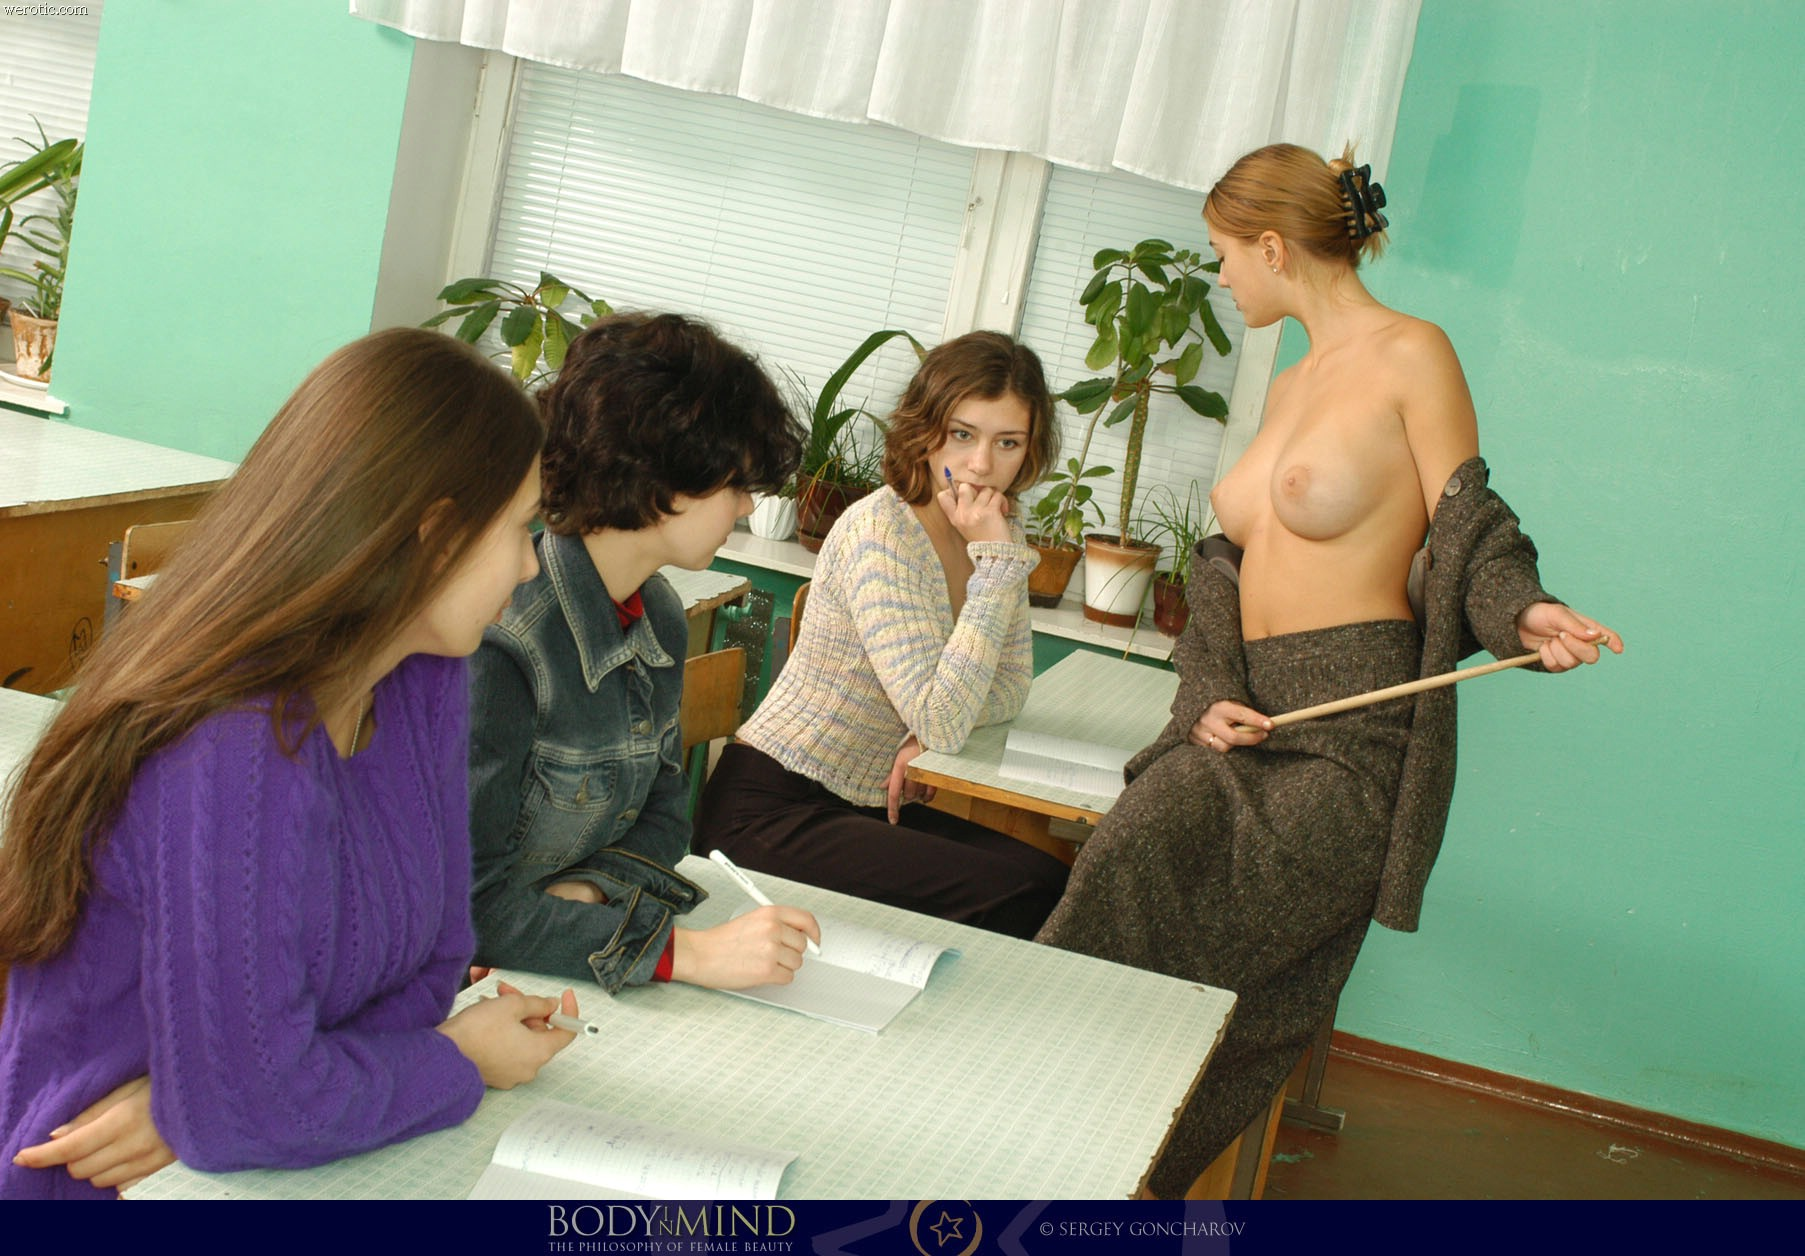 Ученик и учительница в класс секс 7 фотография